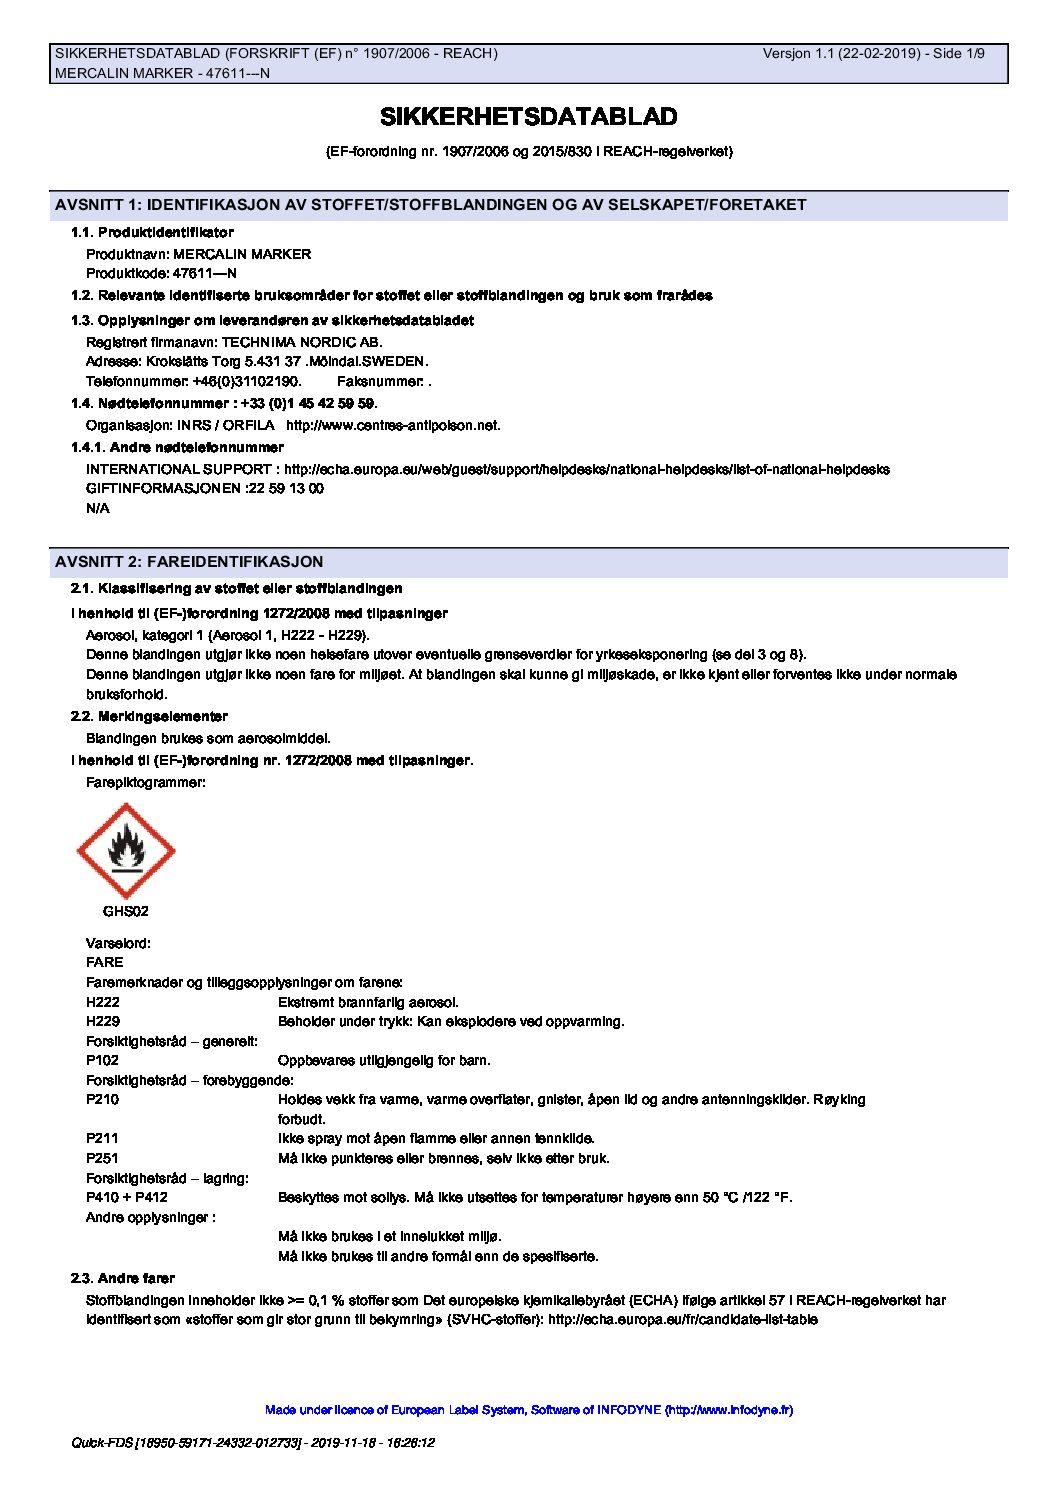 Sikkerhetsdatablad Mercalin Marker